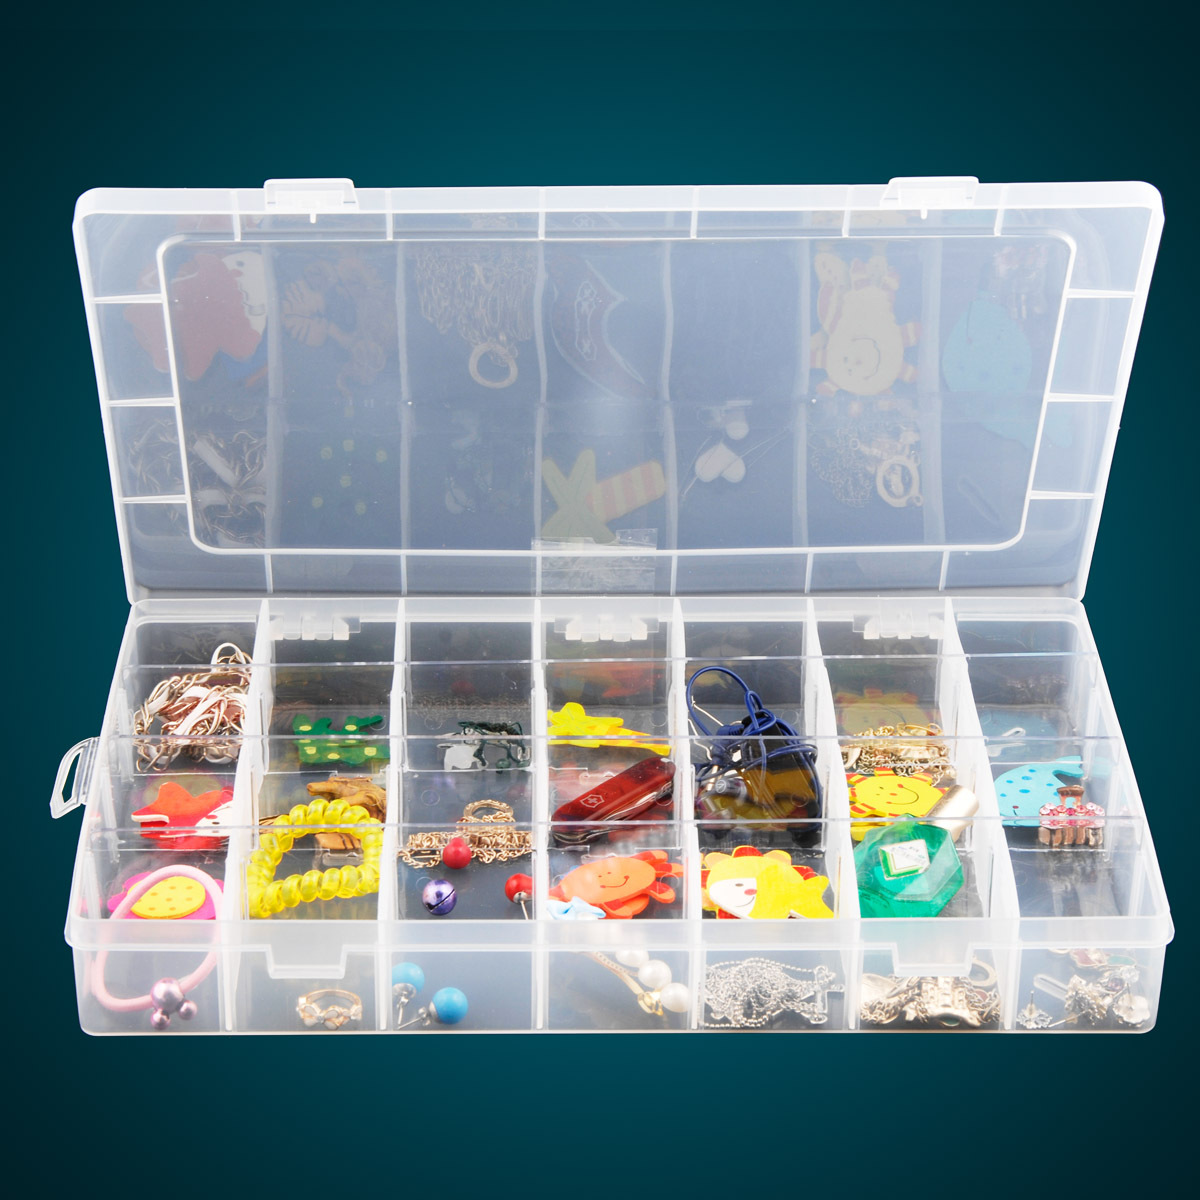 Acheter 28 couleur Transparent Boîte En Plastique Amovible Treillis De Stockage Débris Livraison Combinaison Ameublement Bijoux Boîte de Finition de box box fiable fournisseurs